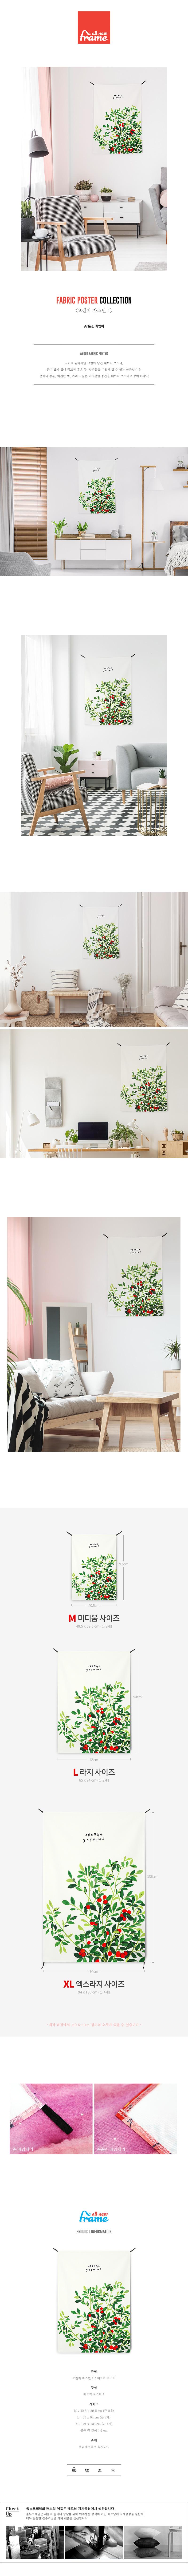 (패브릭 포스터) 오렌지 자스민 1 - 올뉴프레임, 15,000원, 홈갤러리, 패브릭포스터